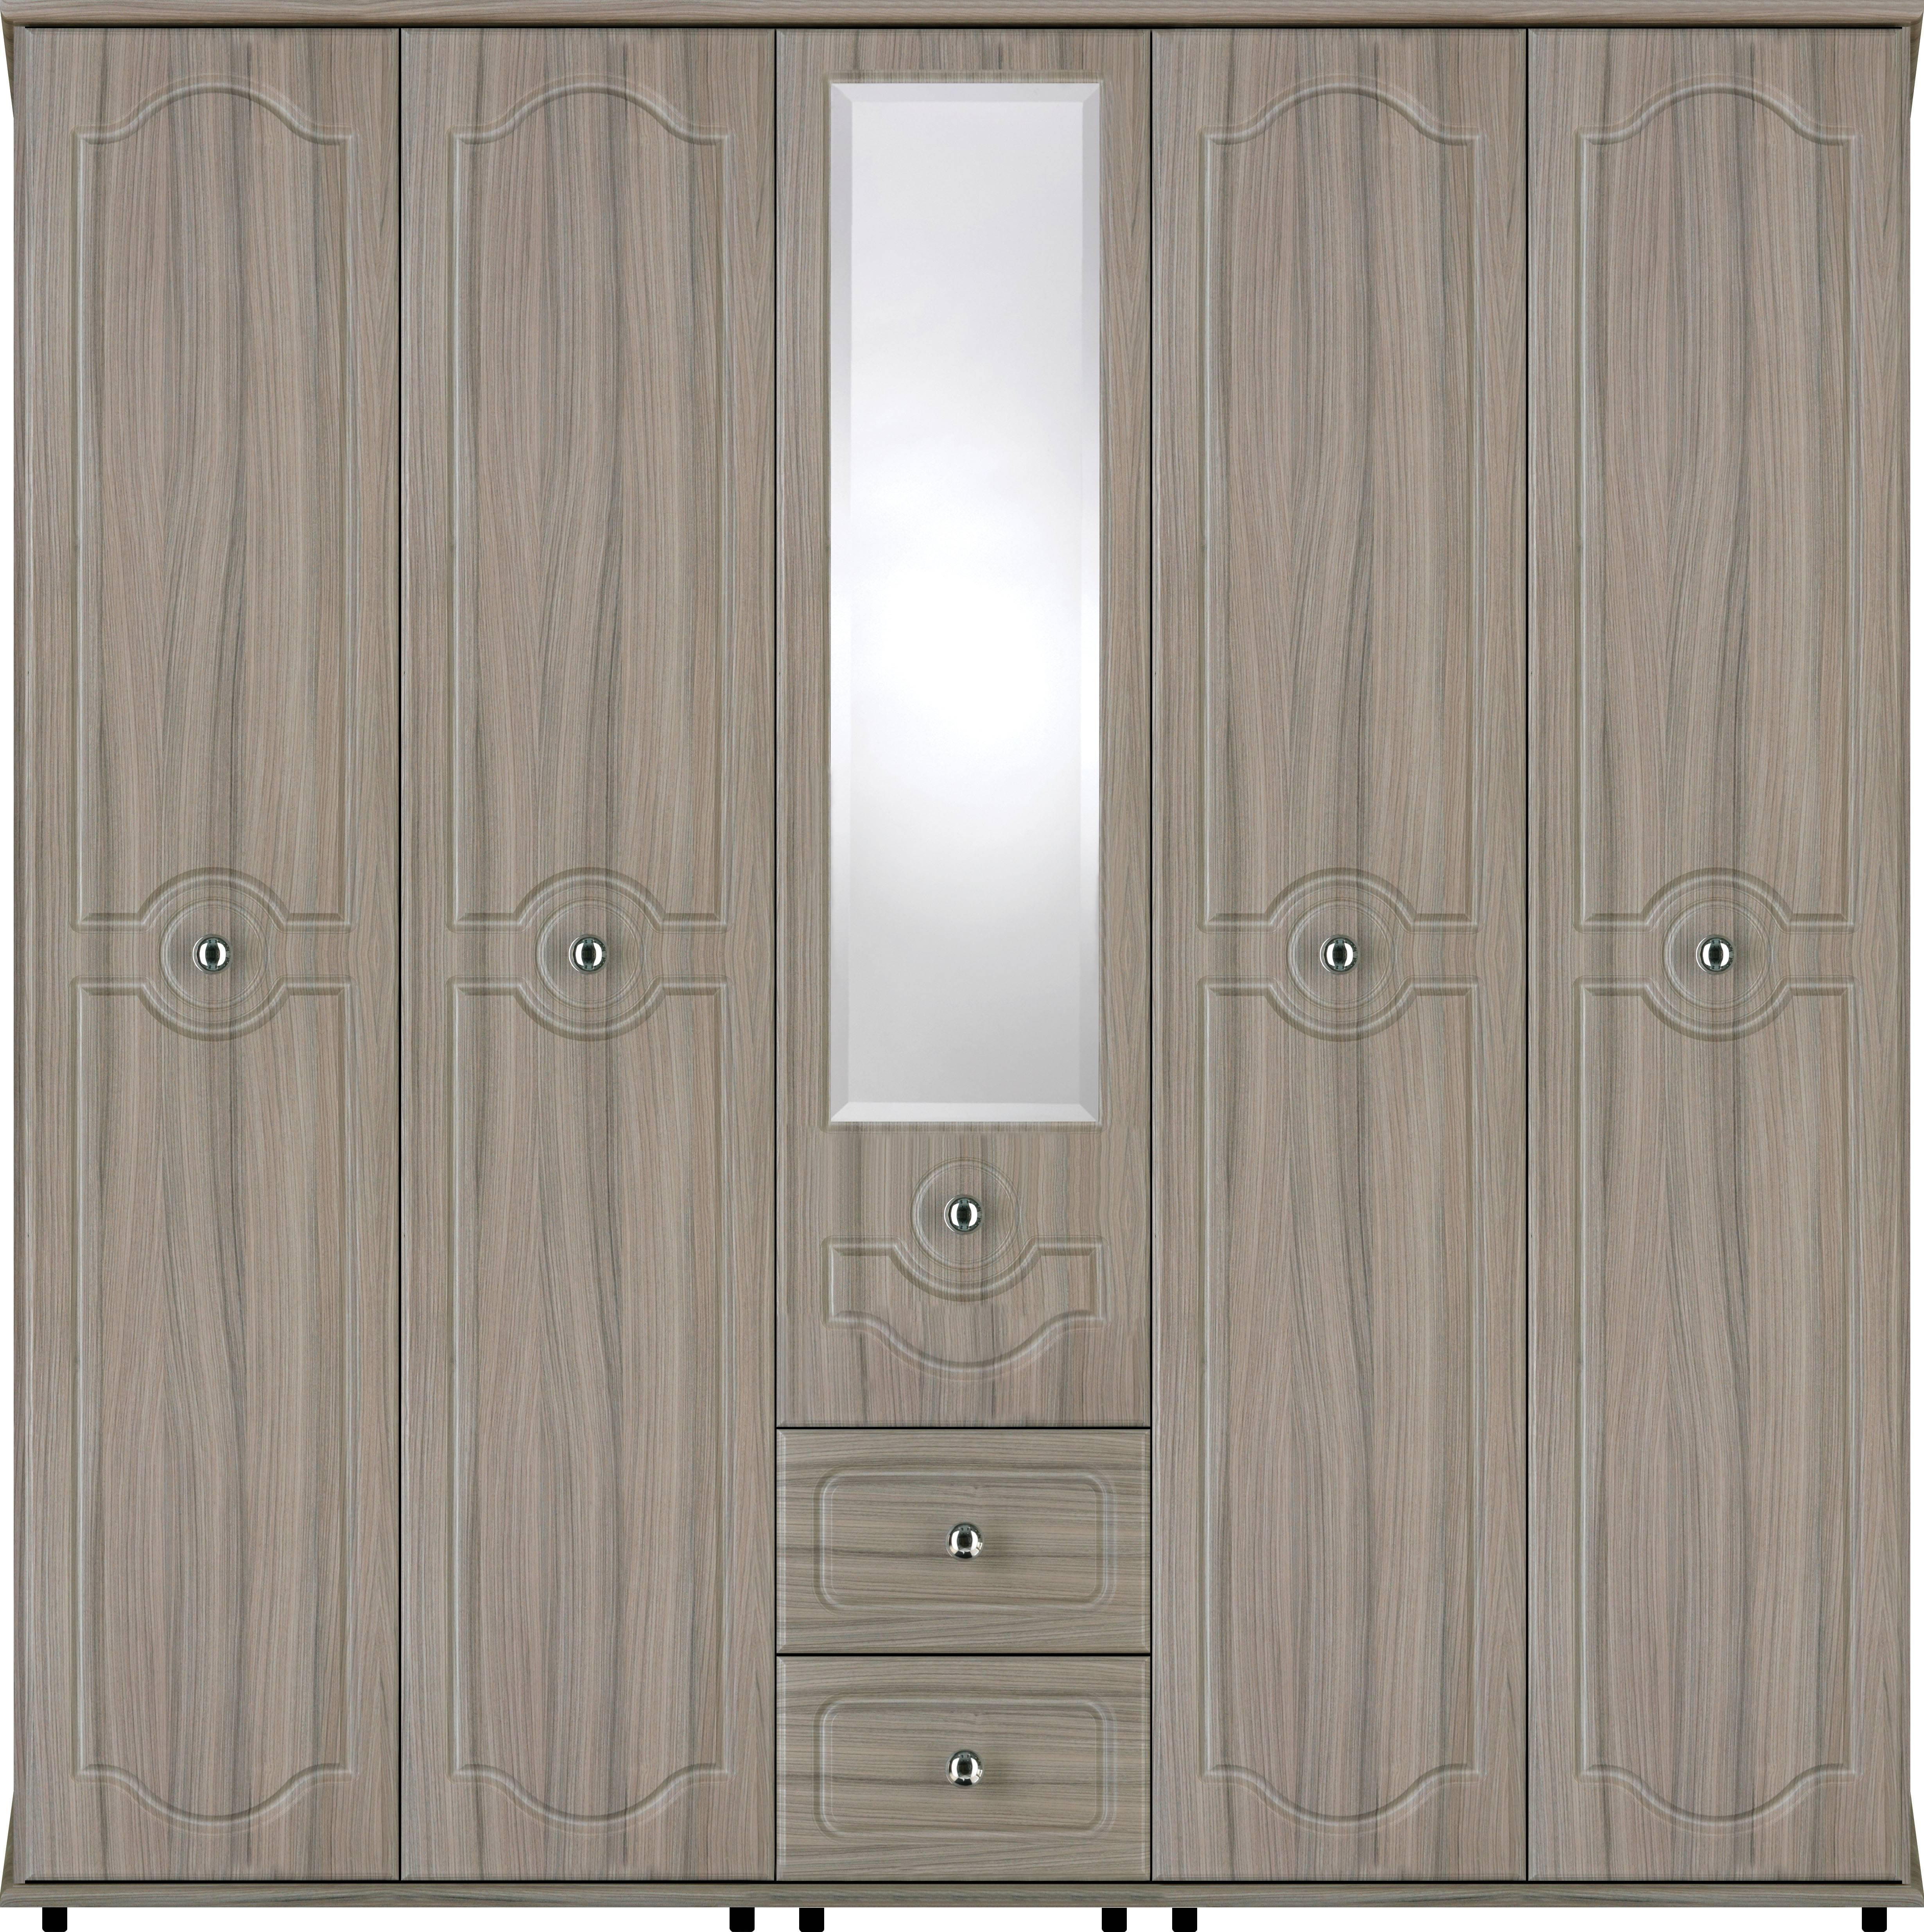 Bledlow 5 Door Wardrobe With 1 Mirror And 2 Drawers | Crendon Beds within 5 Door Wardrobes Bedroom Furniture (Image 9 of 15)